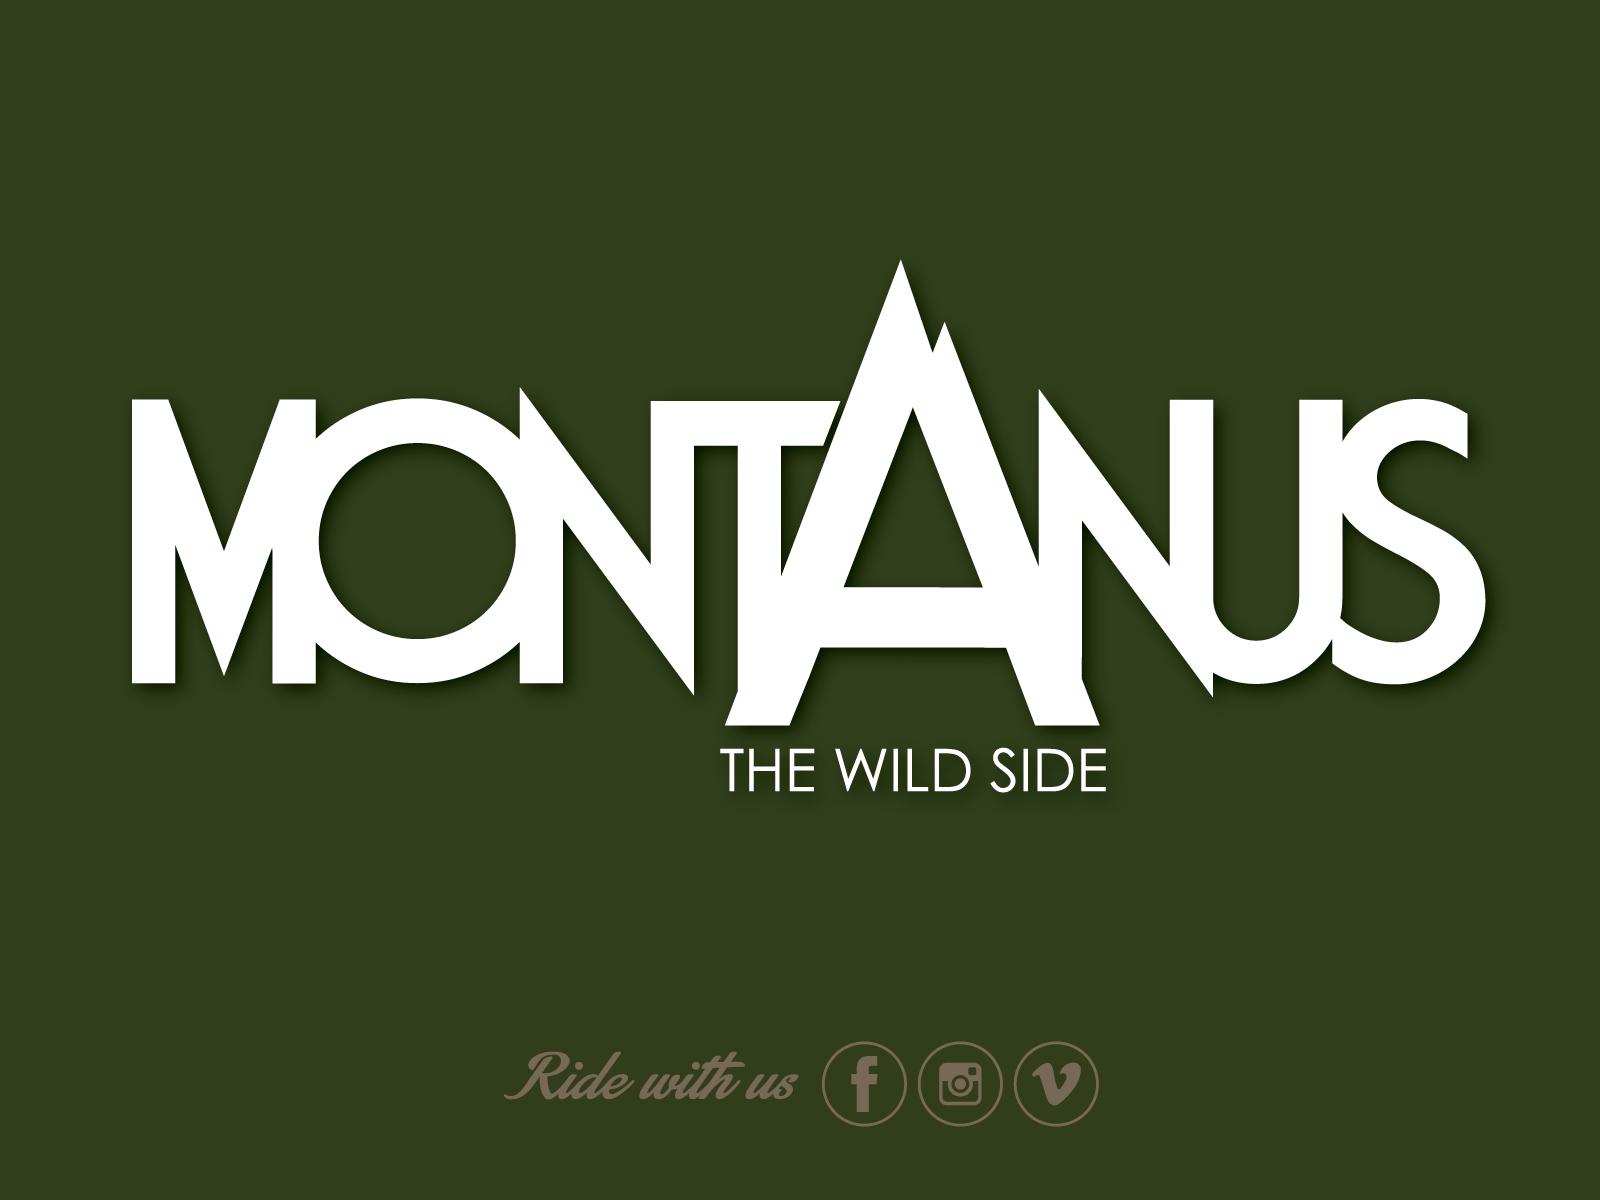 Montanus_4.jpg